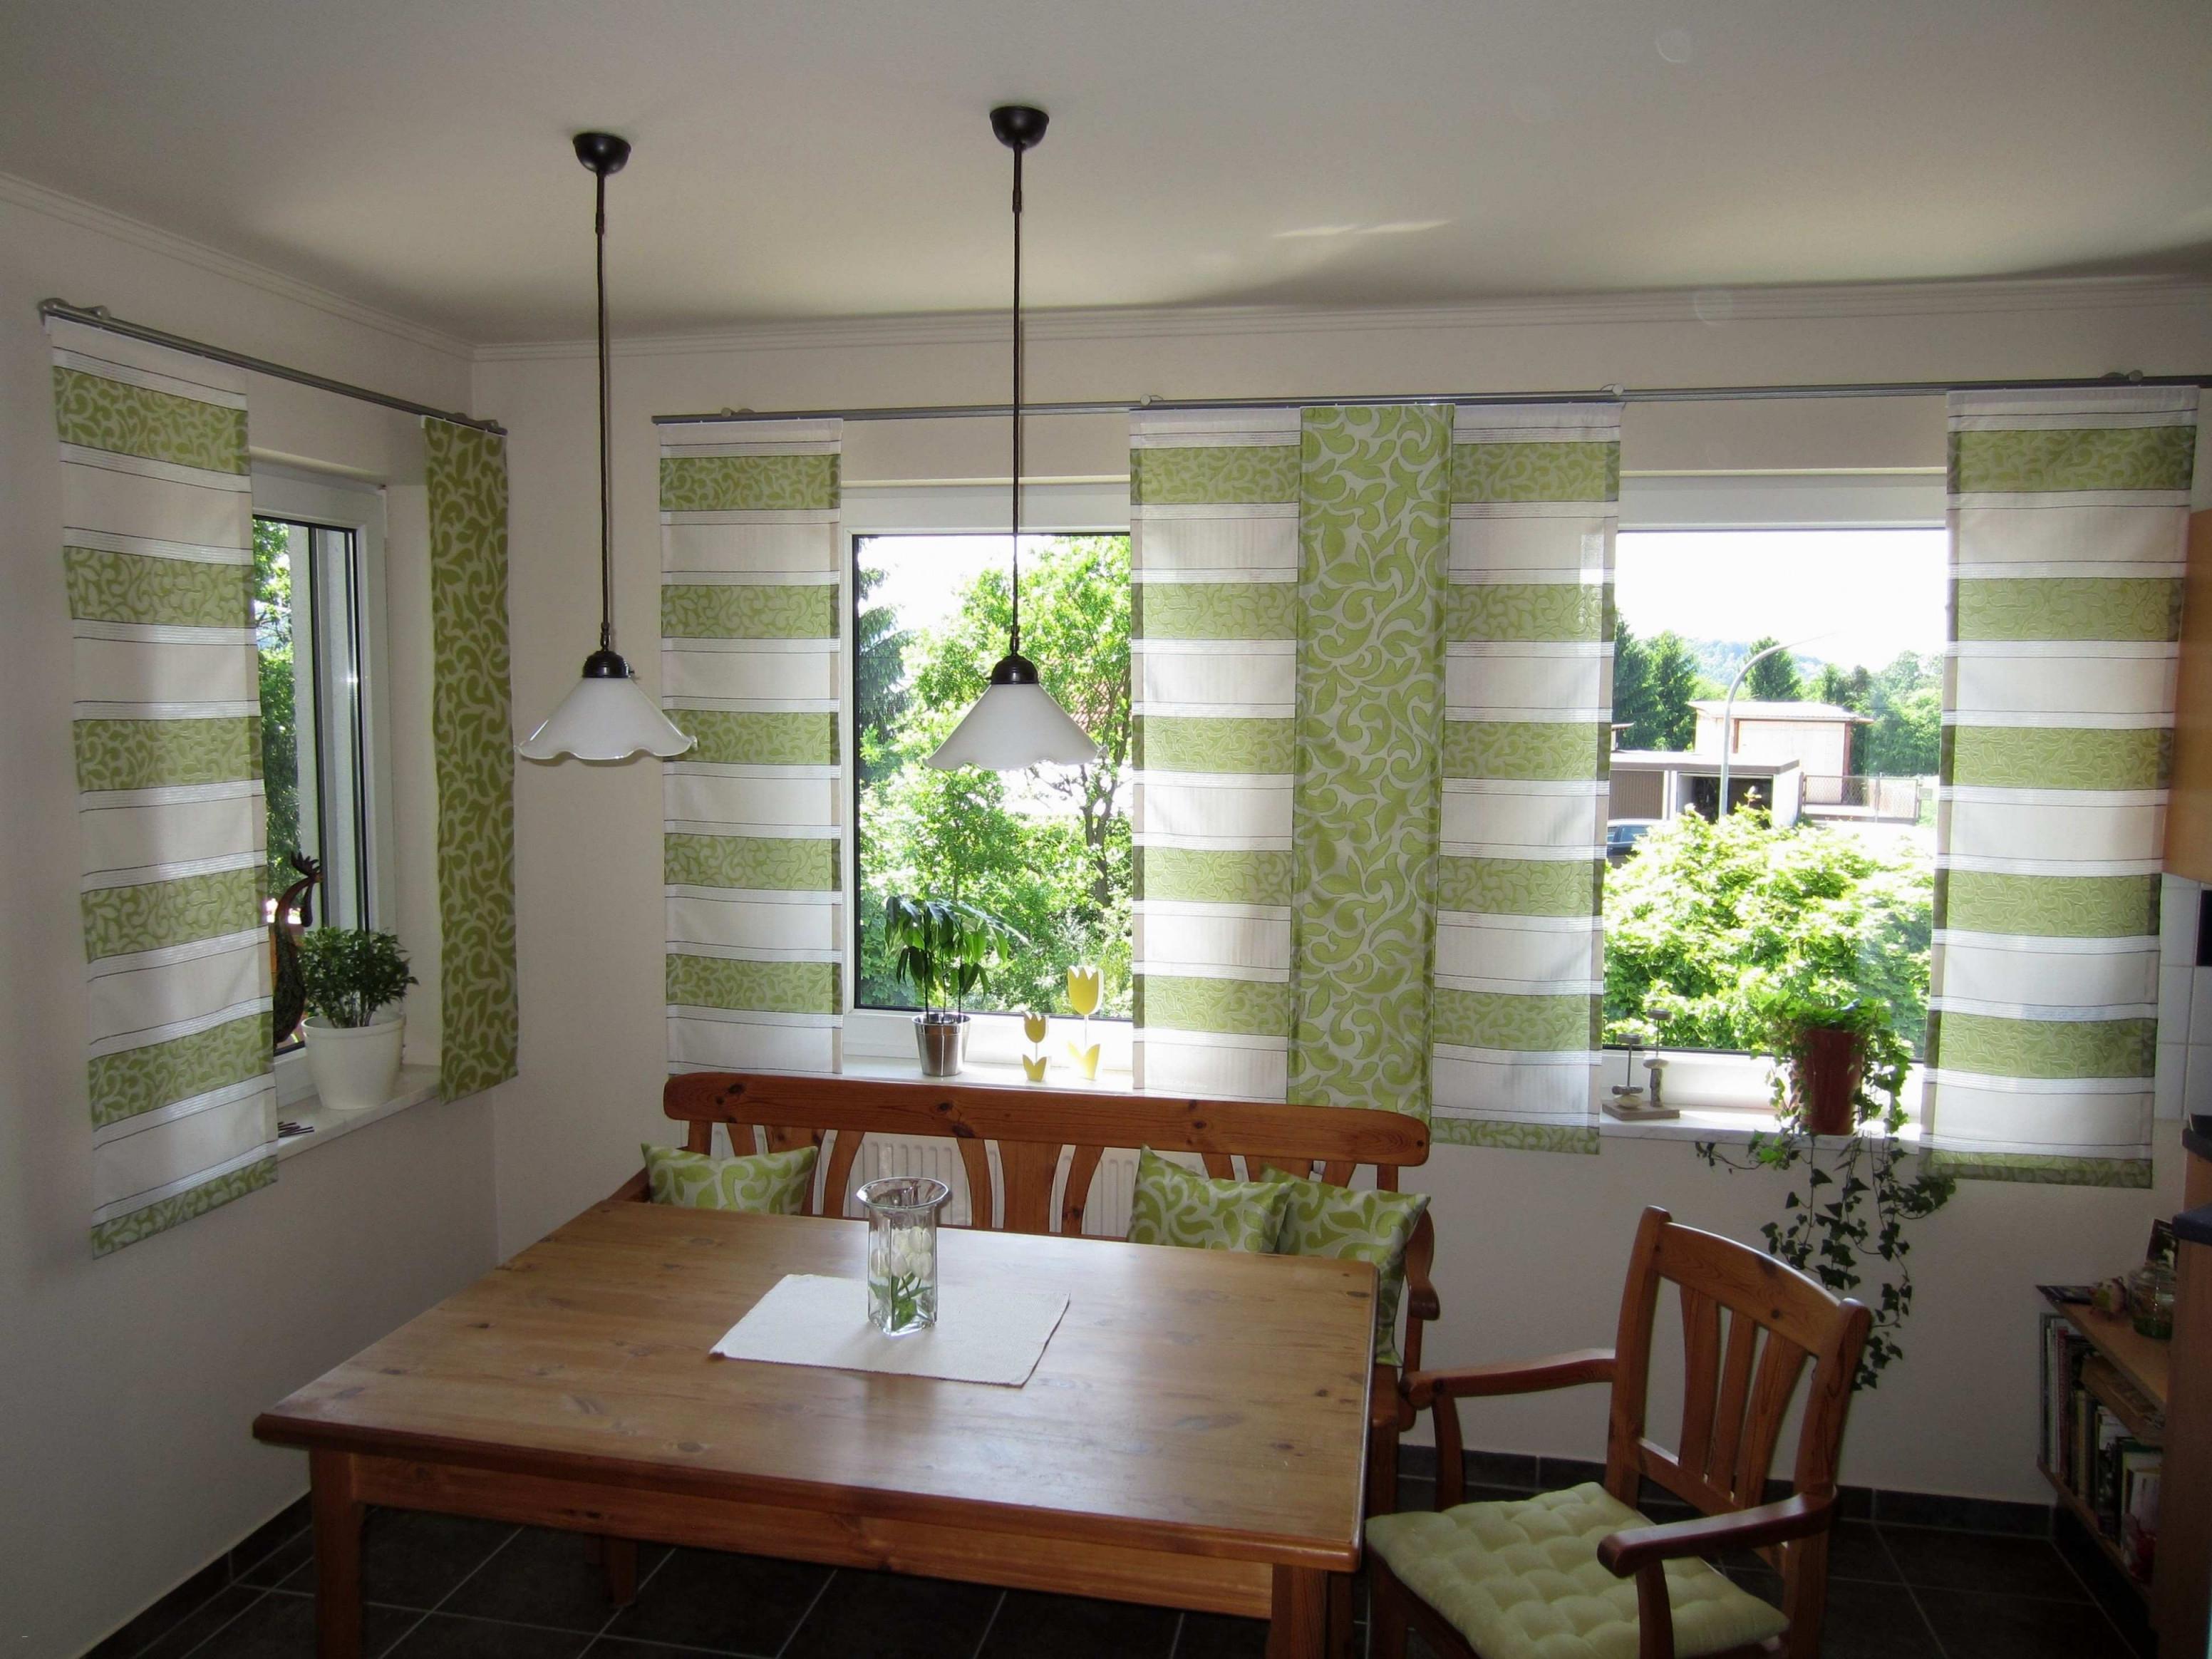 Gardinen Für Große Fenster Einzigartig Fenster Gardinen von Gardinen Für Wohnzimmer Große Fenster Photo